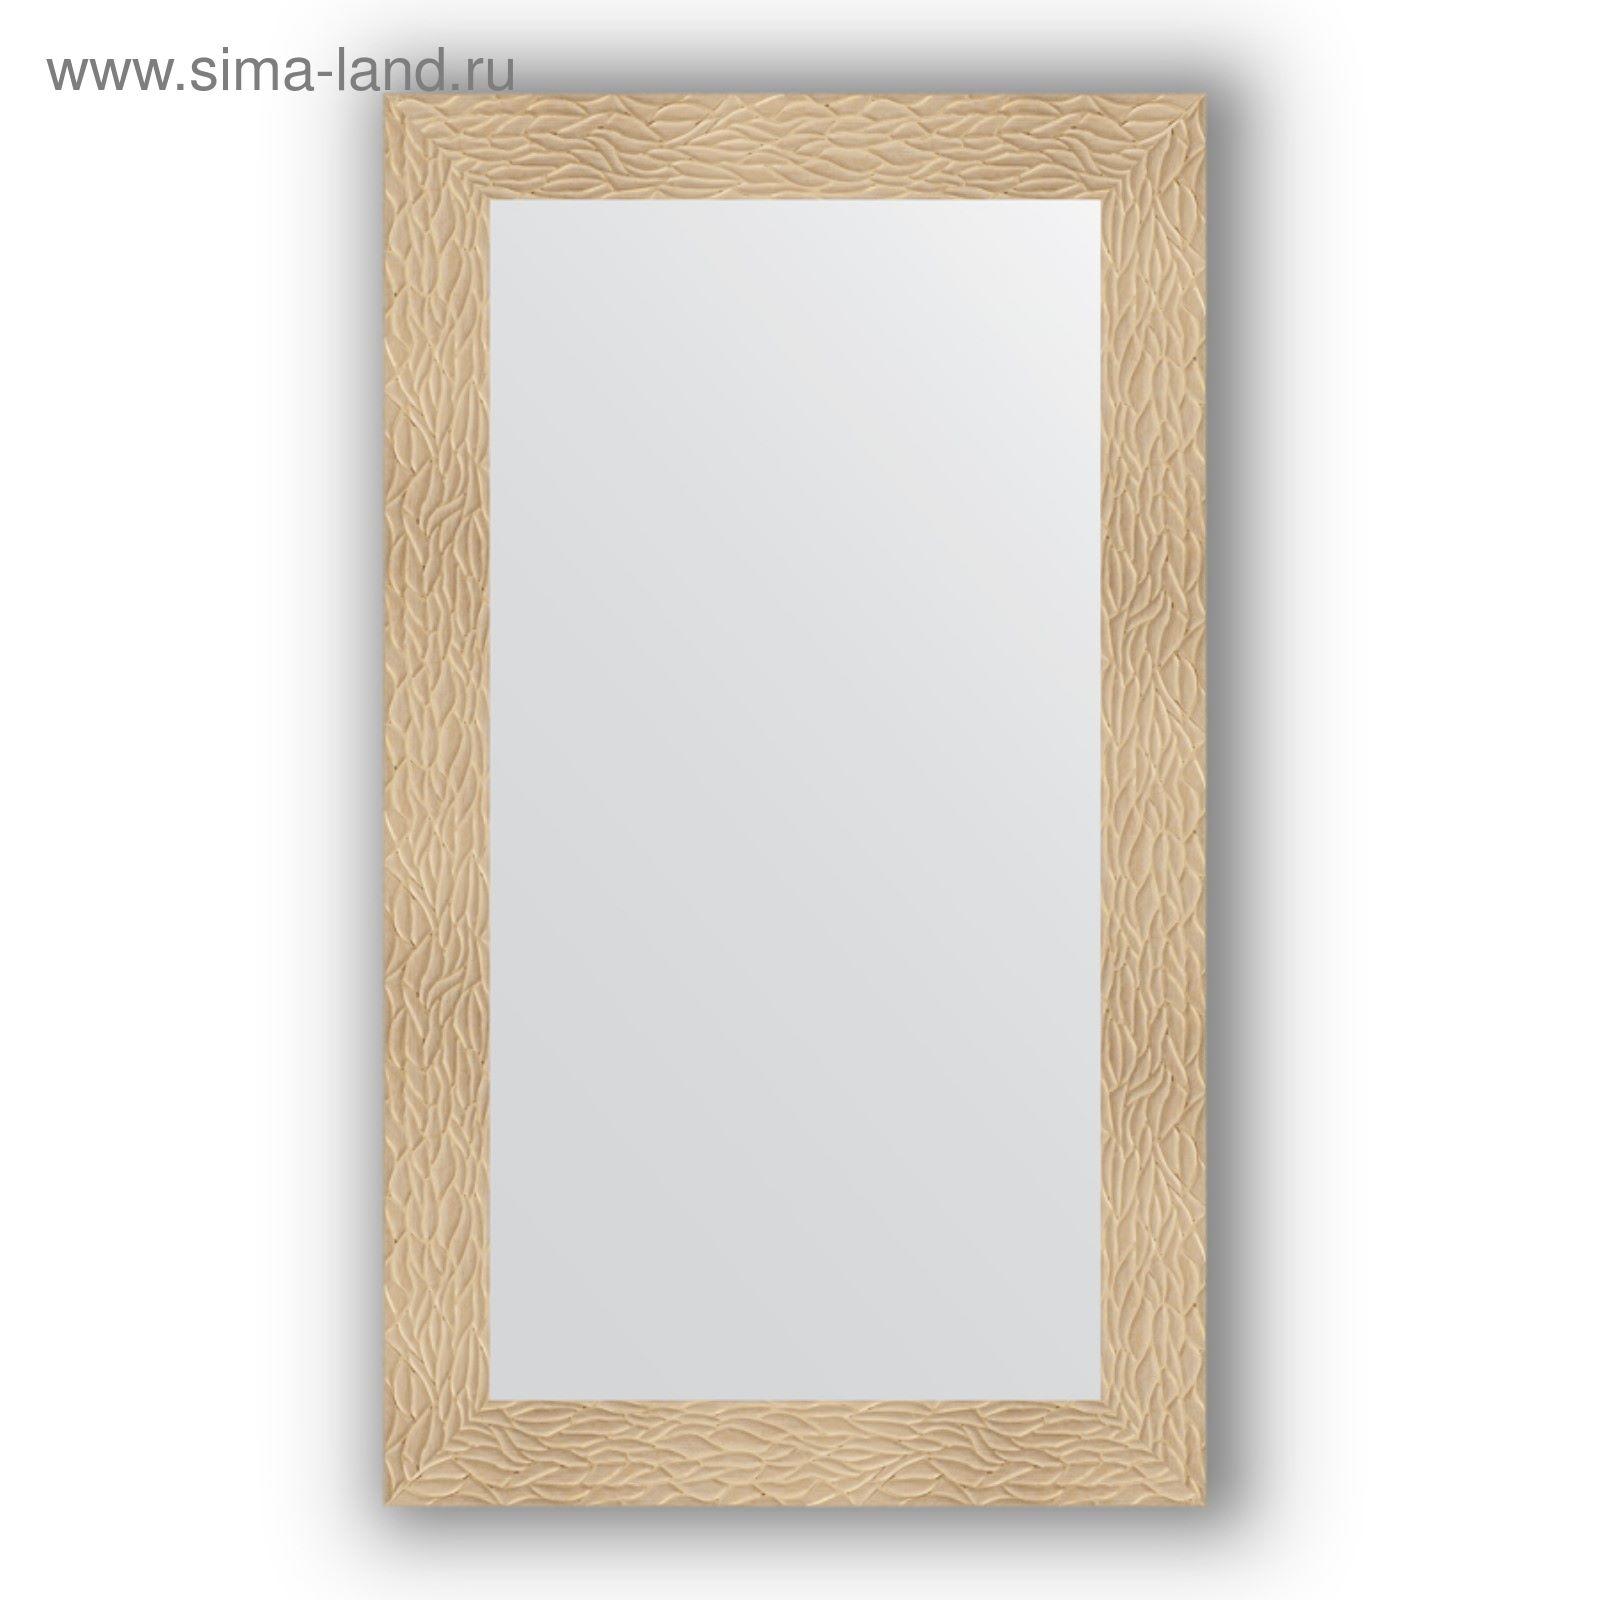 23df85fae3c6 Зеркало в багетной раме - золотые дюны 90 мм, 70 х 120 см, Evoform ...